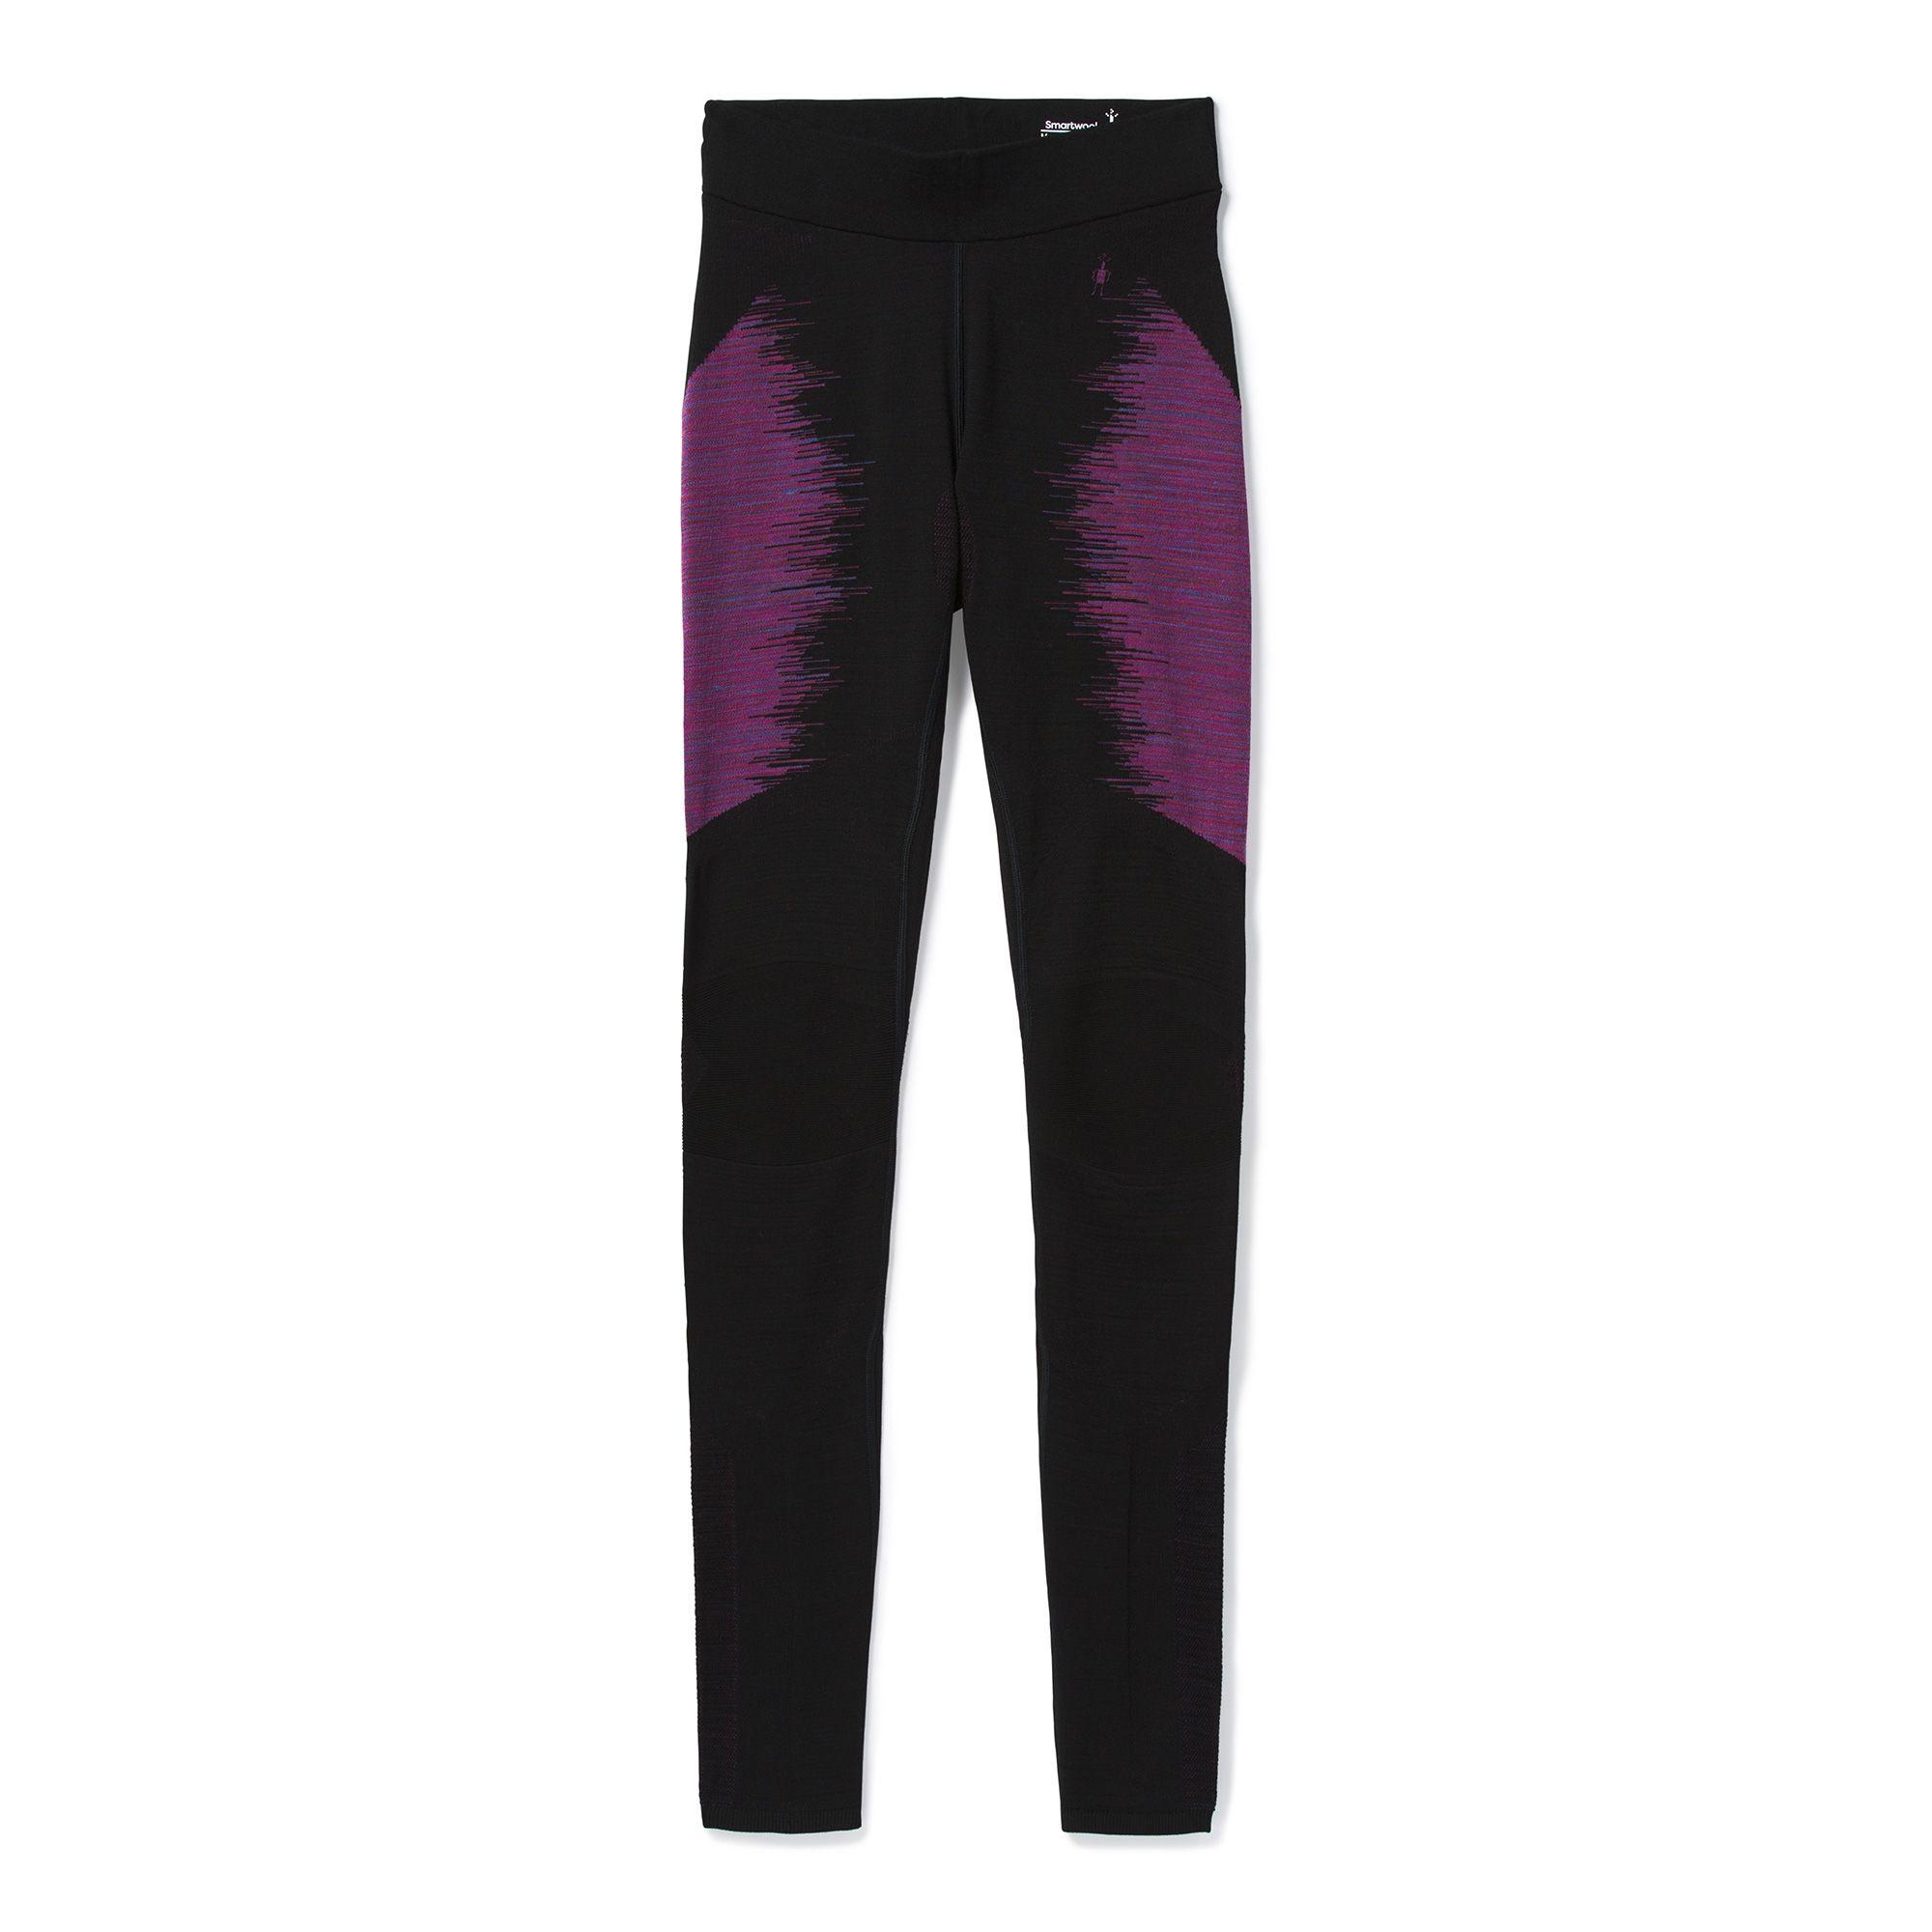 Women's Intraknit Merino 200 Pattern Bottom